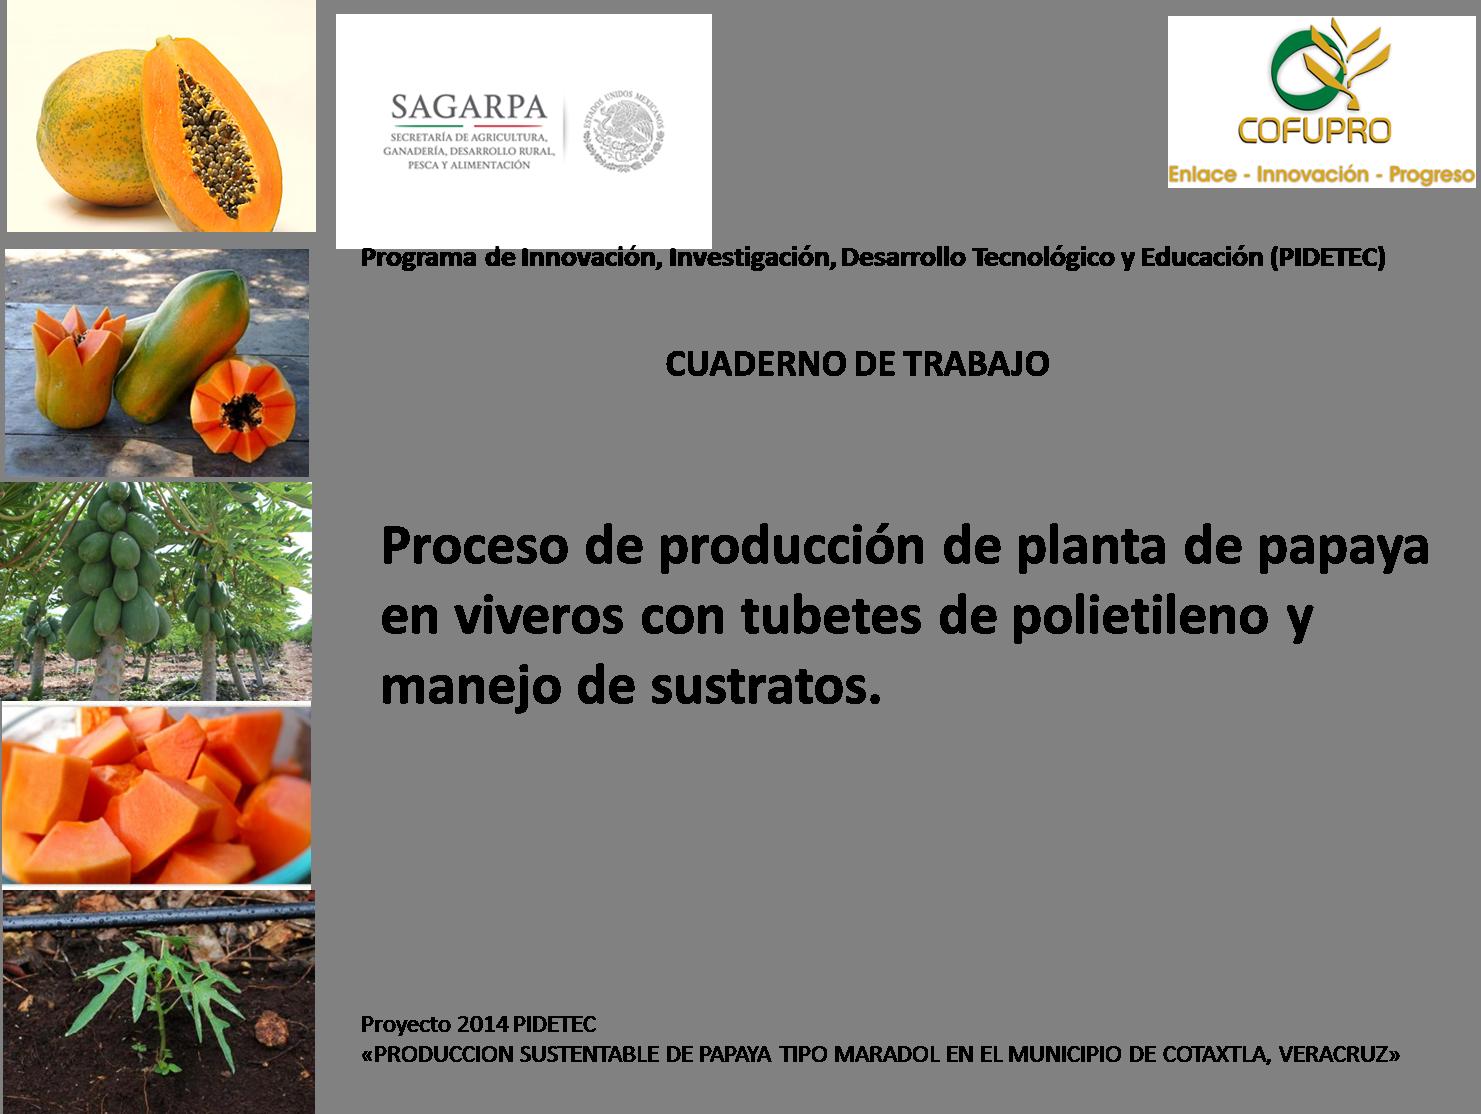 Producci n de planta de papaya en vivero o bioespacio en for Produccion de plantas en vivero pdf